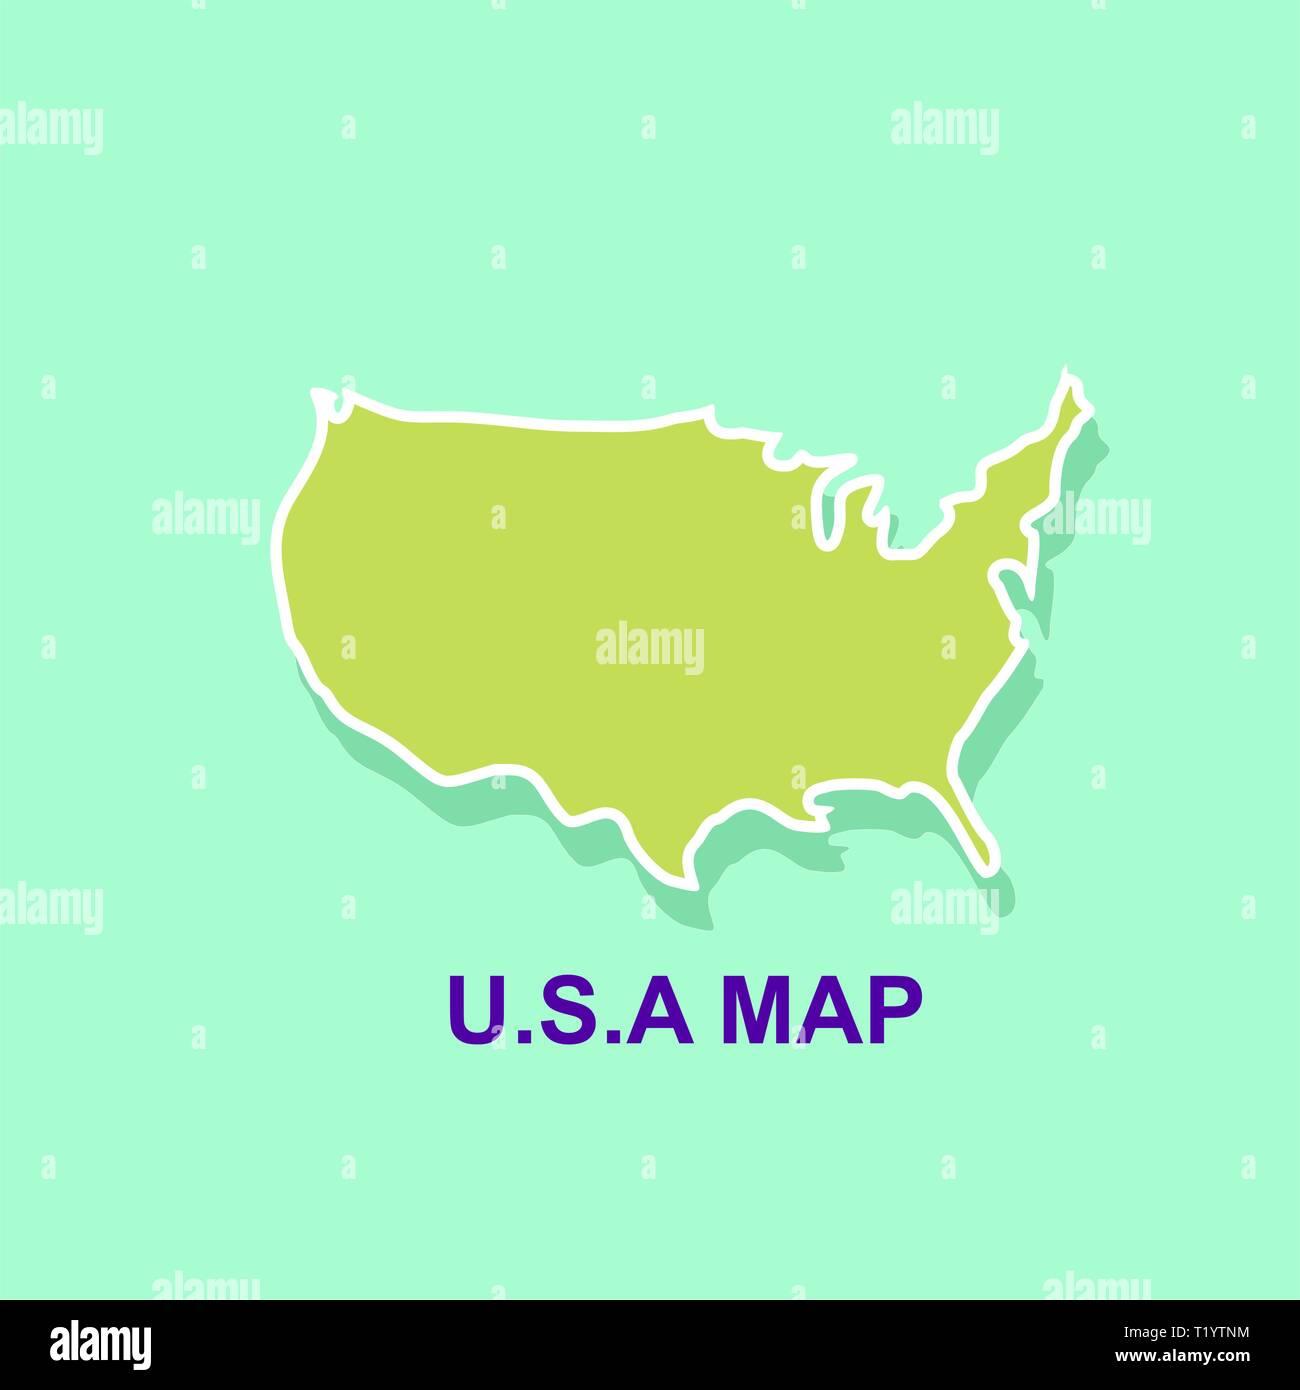 Usa map template. Map design vector - Stock Vector